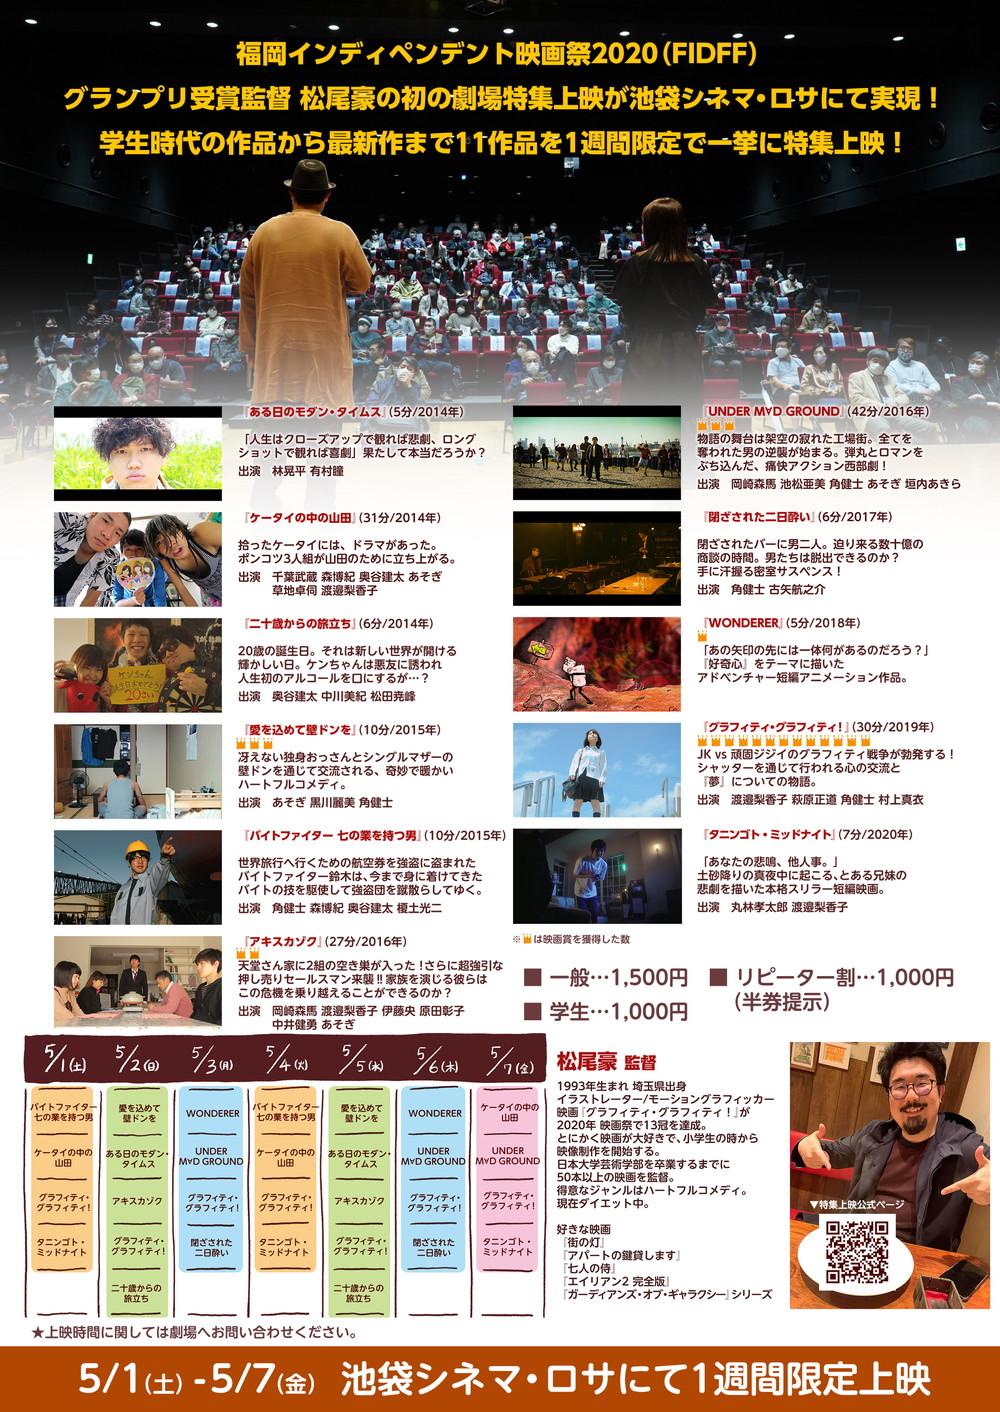 松尾豪監督特集上映_フライヤー